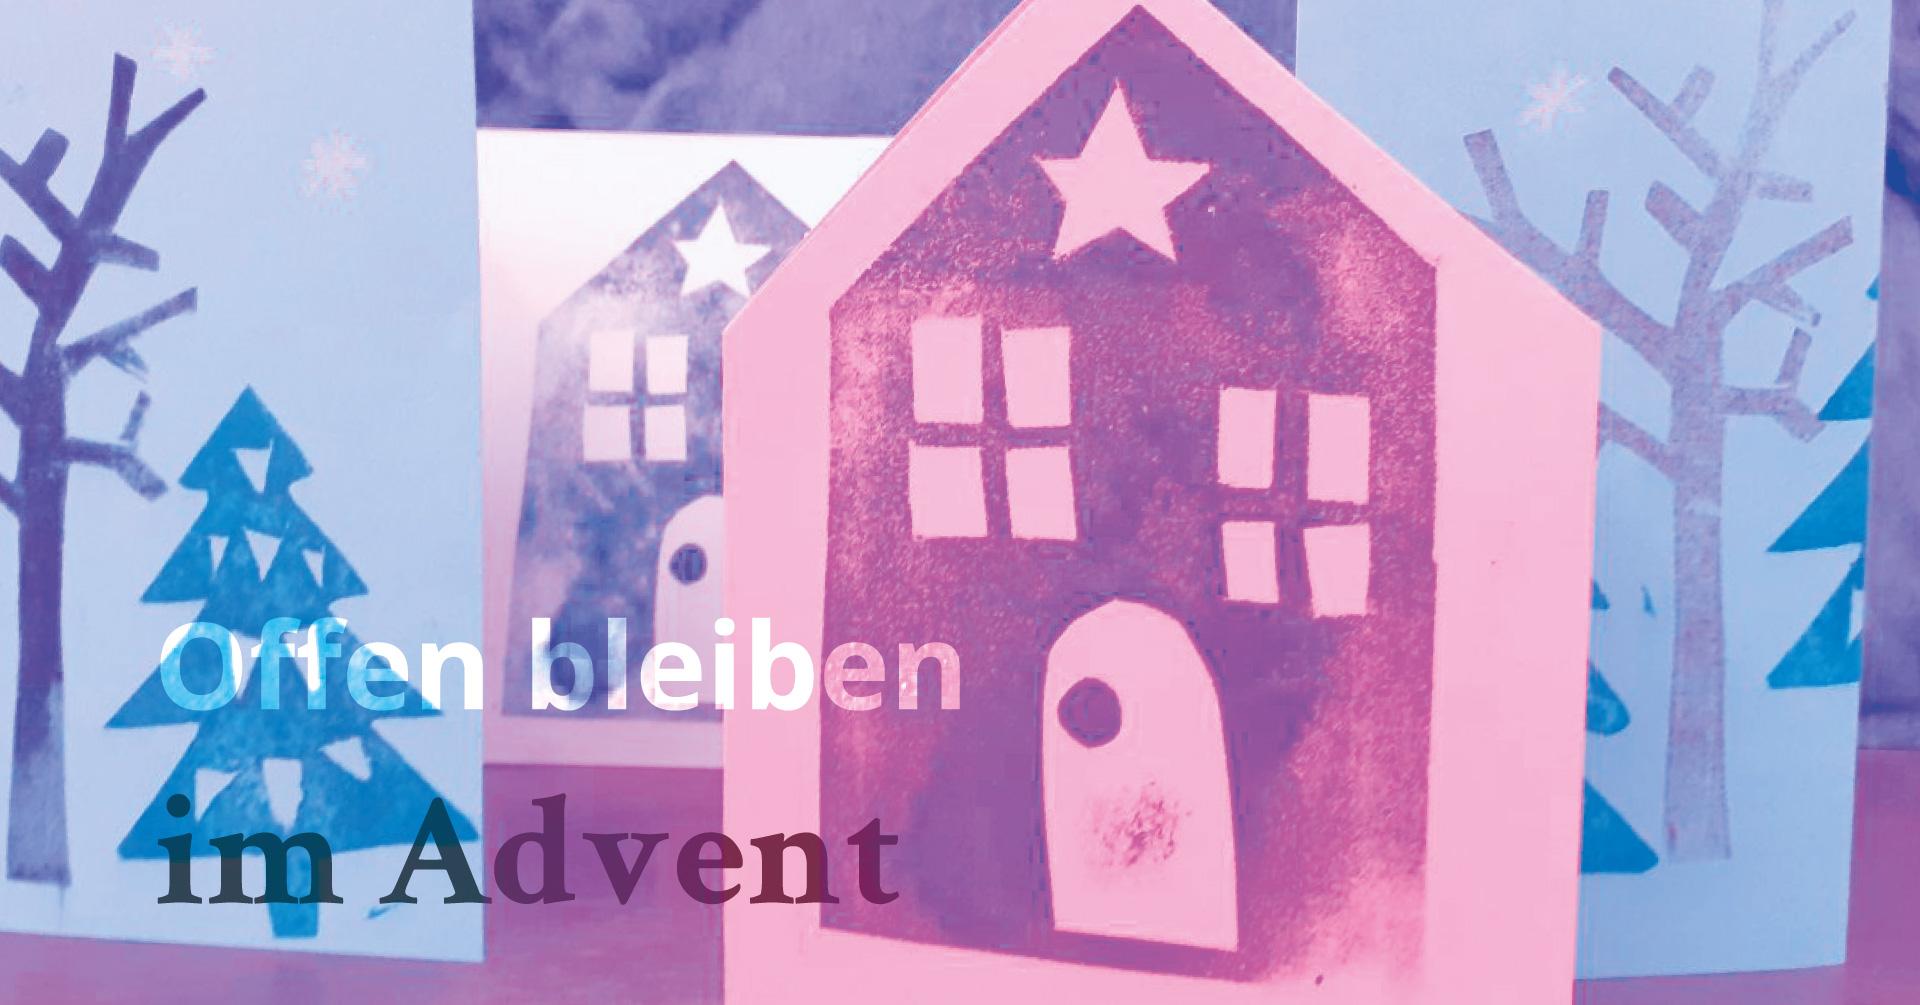 Offen bleiben im Advent